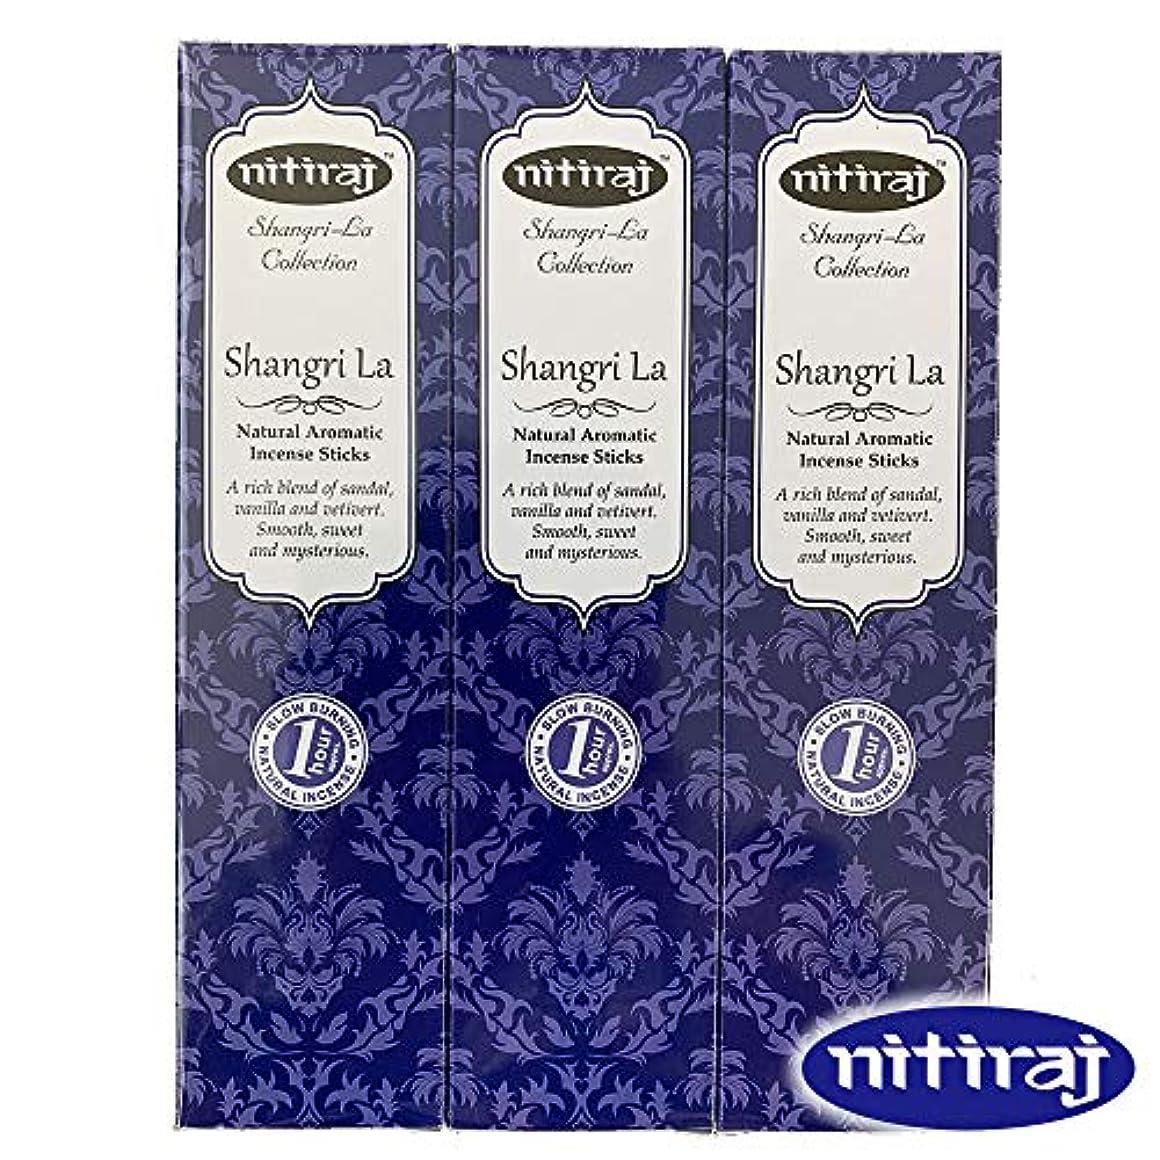 公演オーク言い換えるとお香 アロマインセンス Nitiraj(ニティラジ)一番人気の香り シャングリ?ラ 3箱セット(1箱10本入り) スティック型 100%天然素材 正規輸入代理店